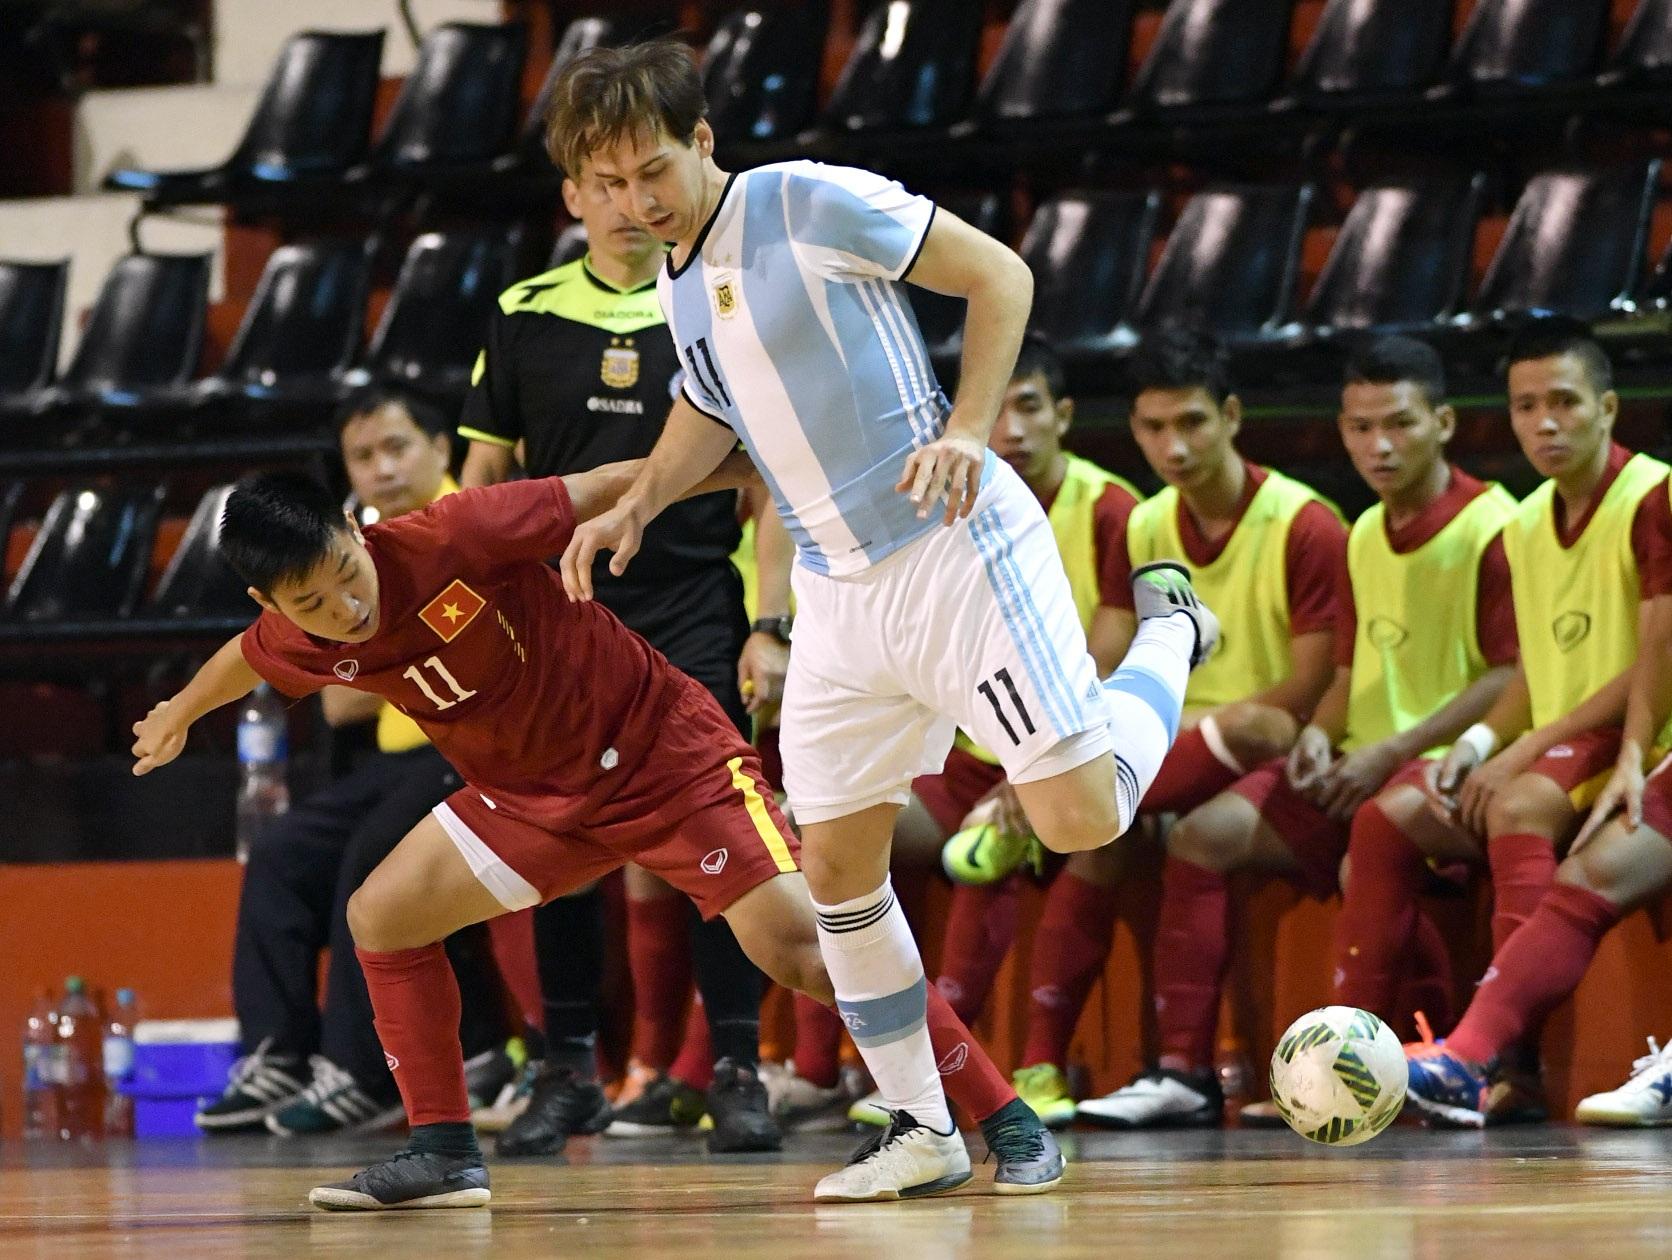 Đội bóng của HLV Bruno Garcia sẽ tái ngộ với Argentina sau 3 ngày nữa, trước khi sang Colombia đá VCK World Cup futsal 2016